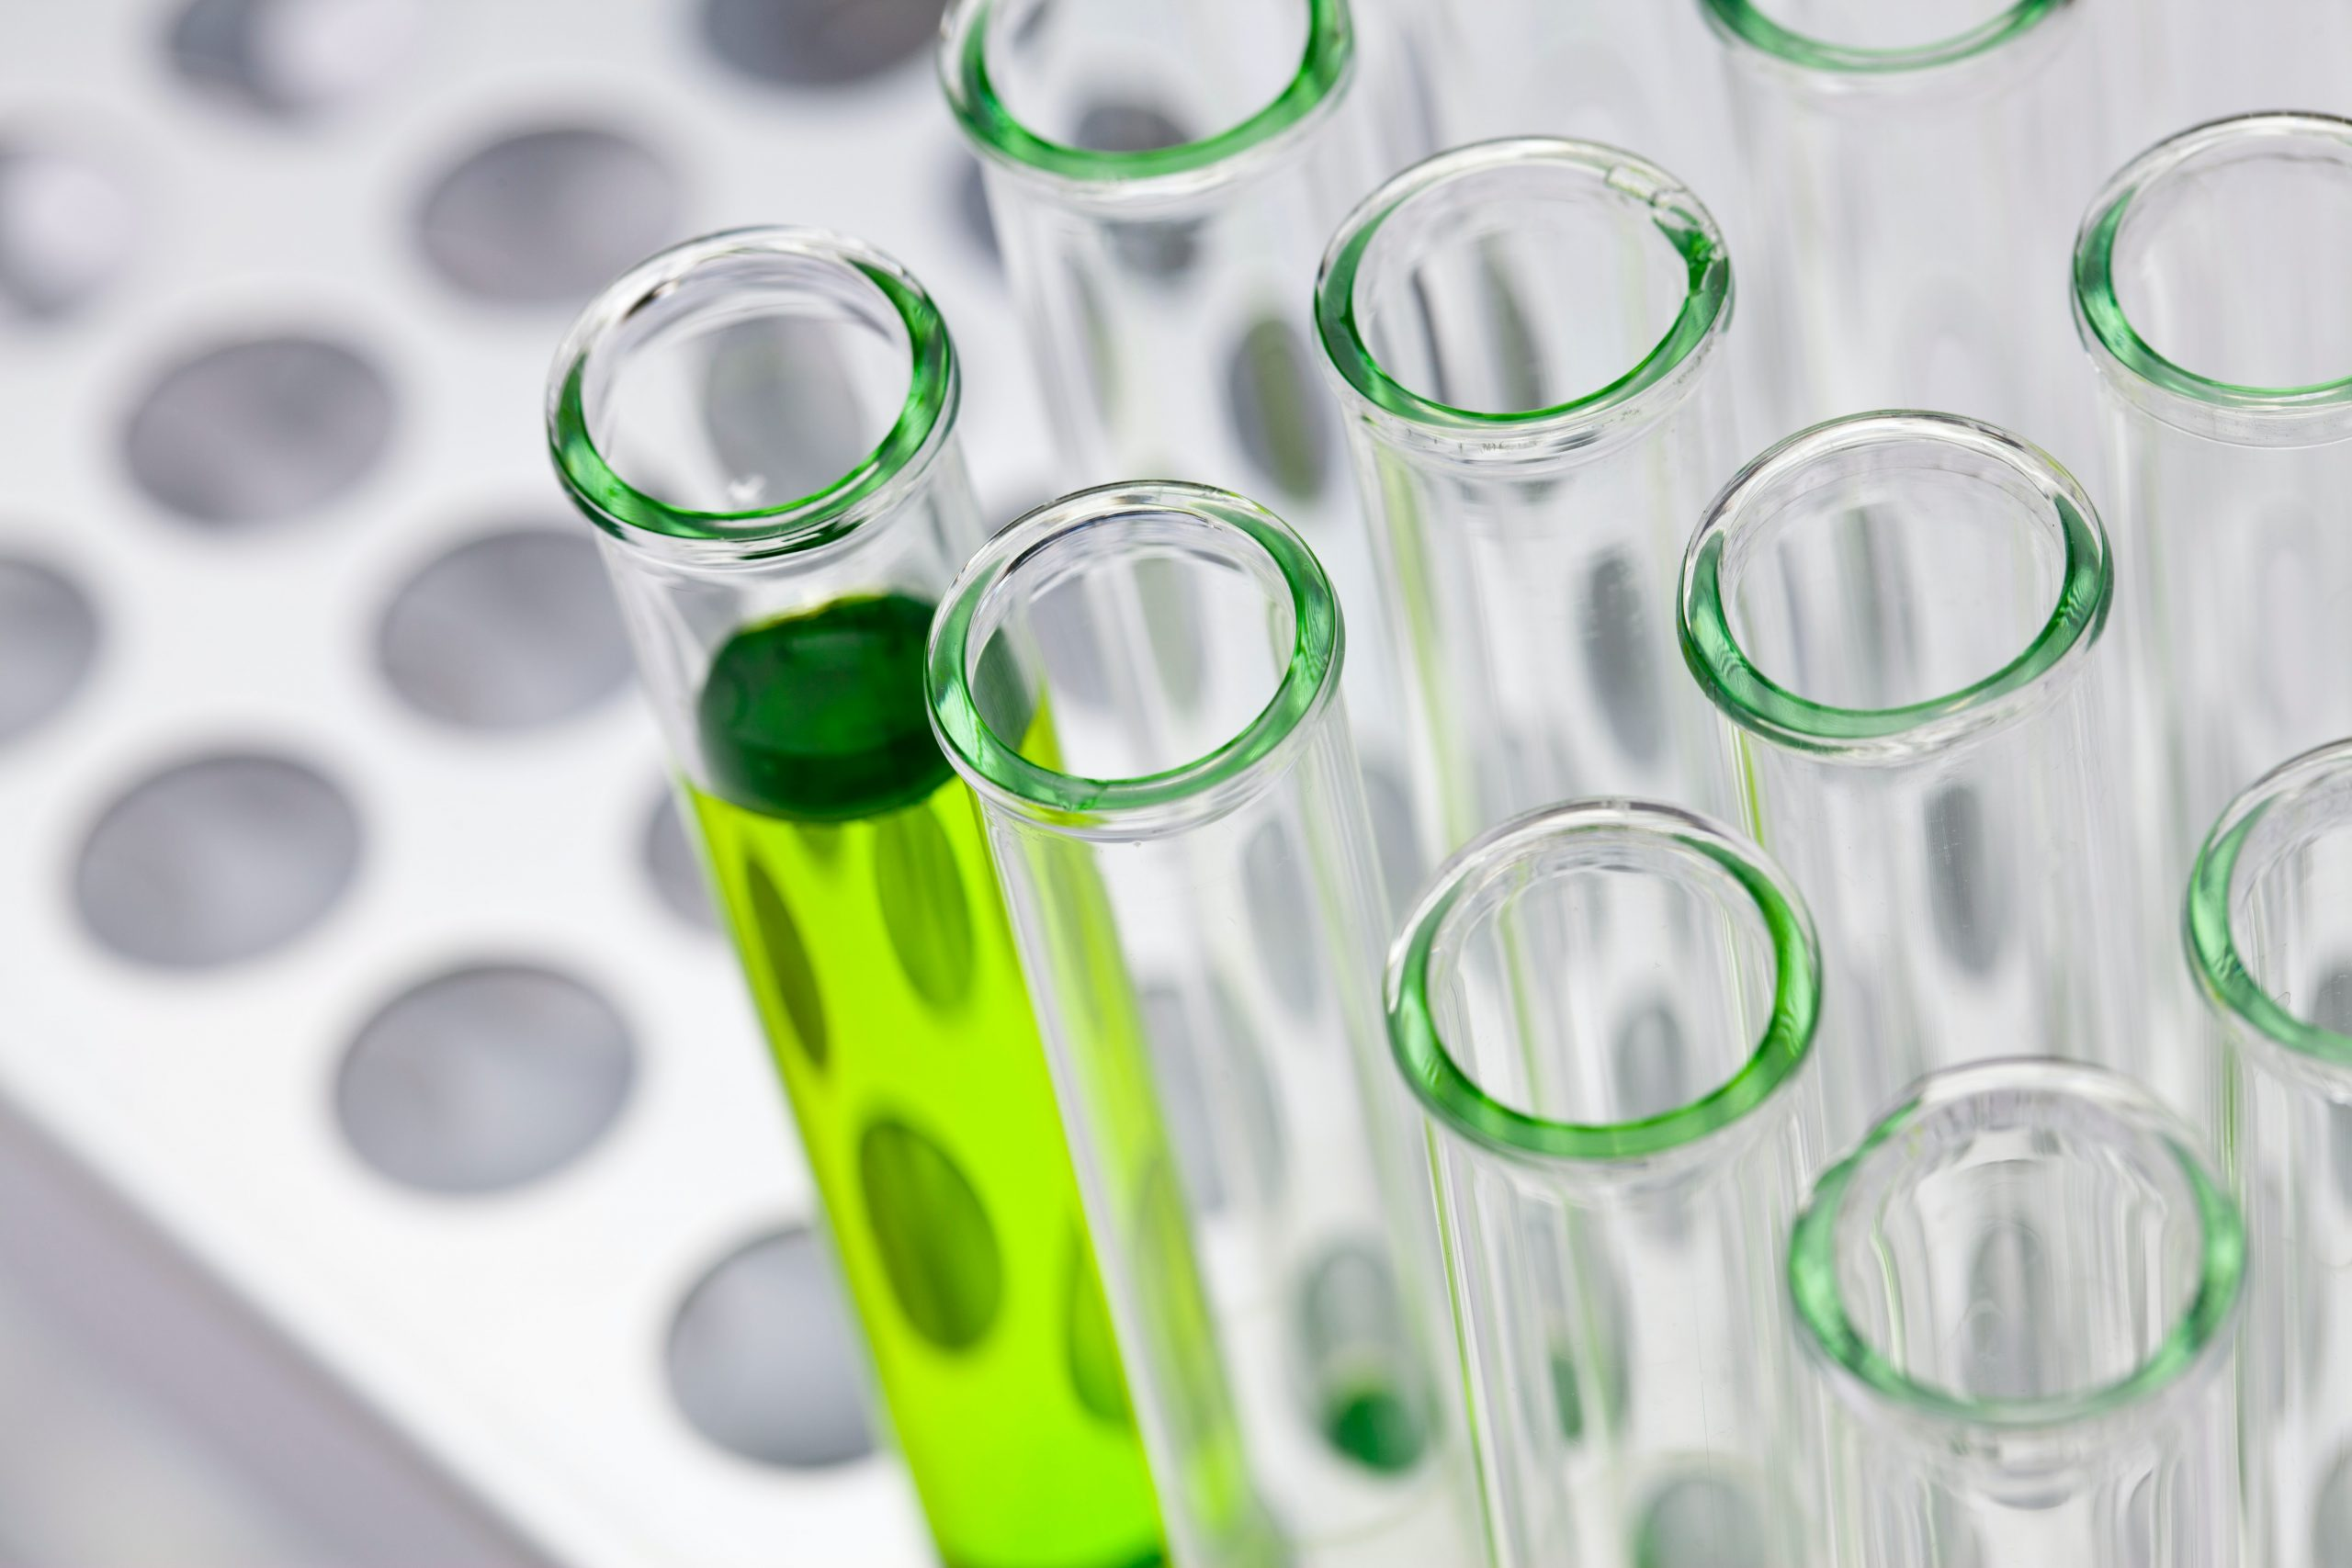 Où orienter un étudiant qui souhaite travailler dans la chimie?